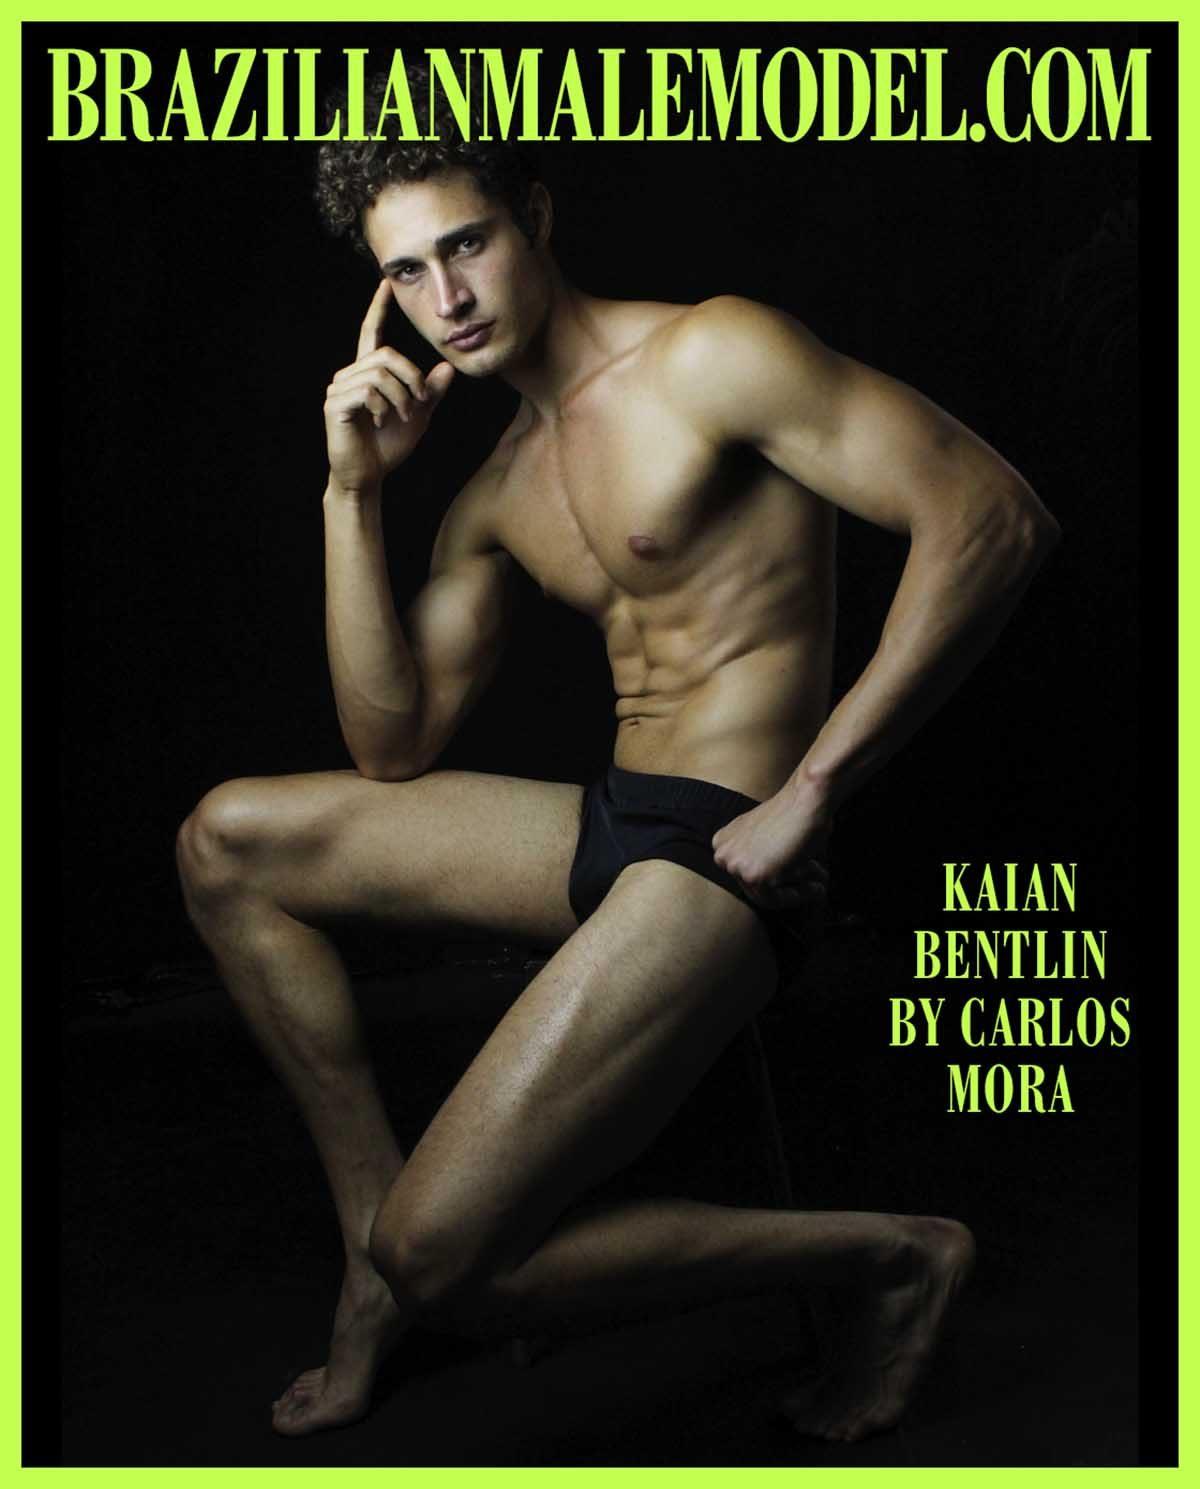 Kaian Bentlin by Carlos Mora